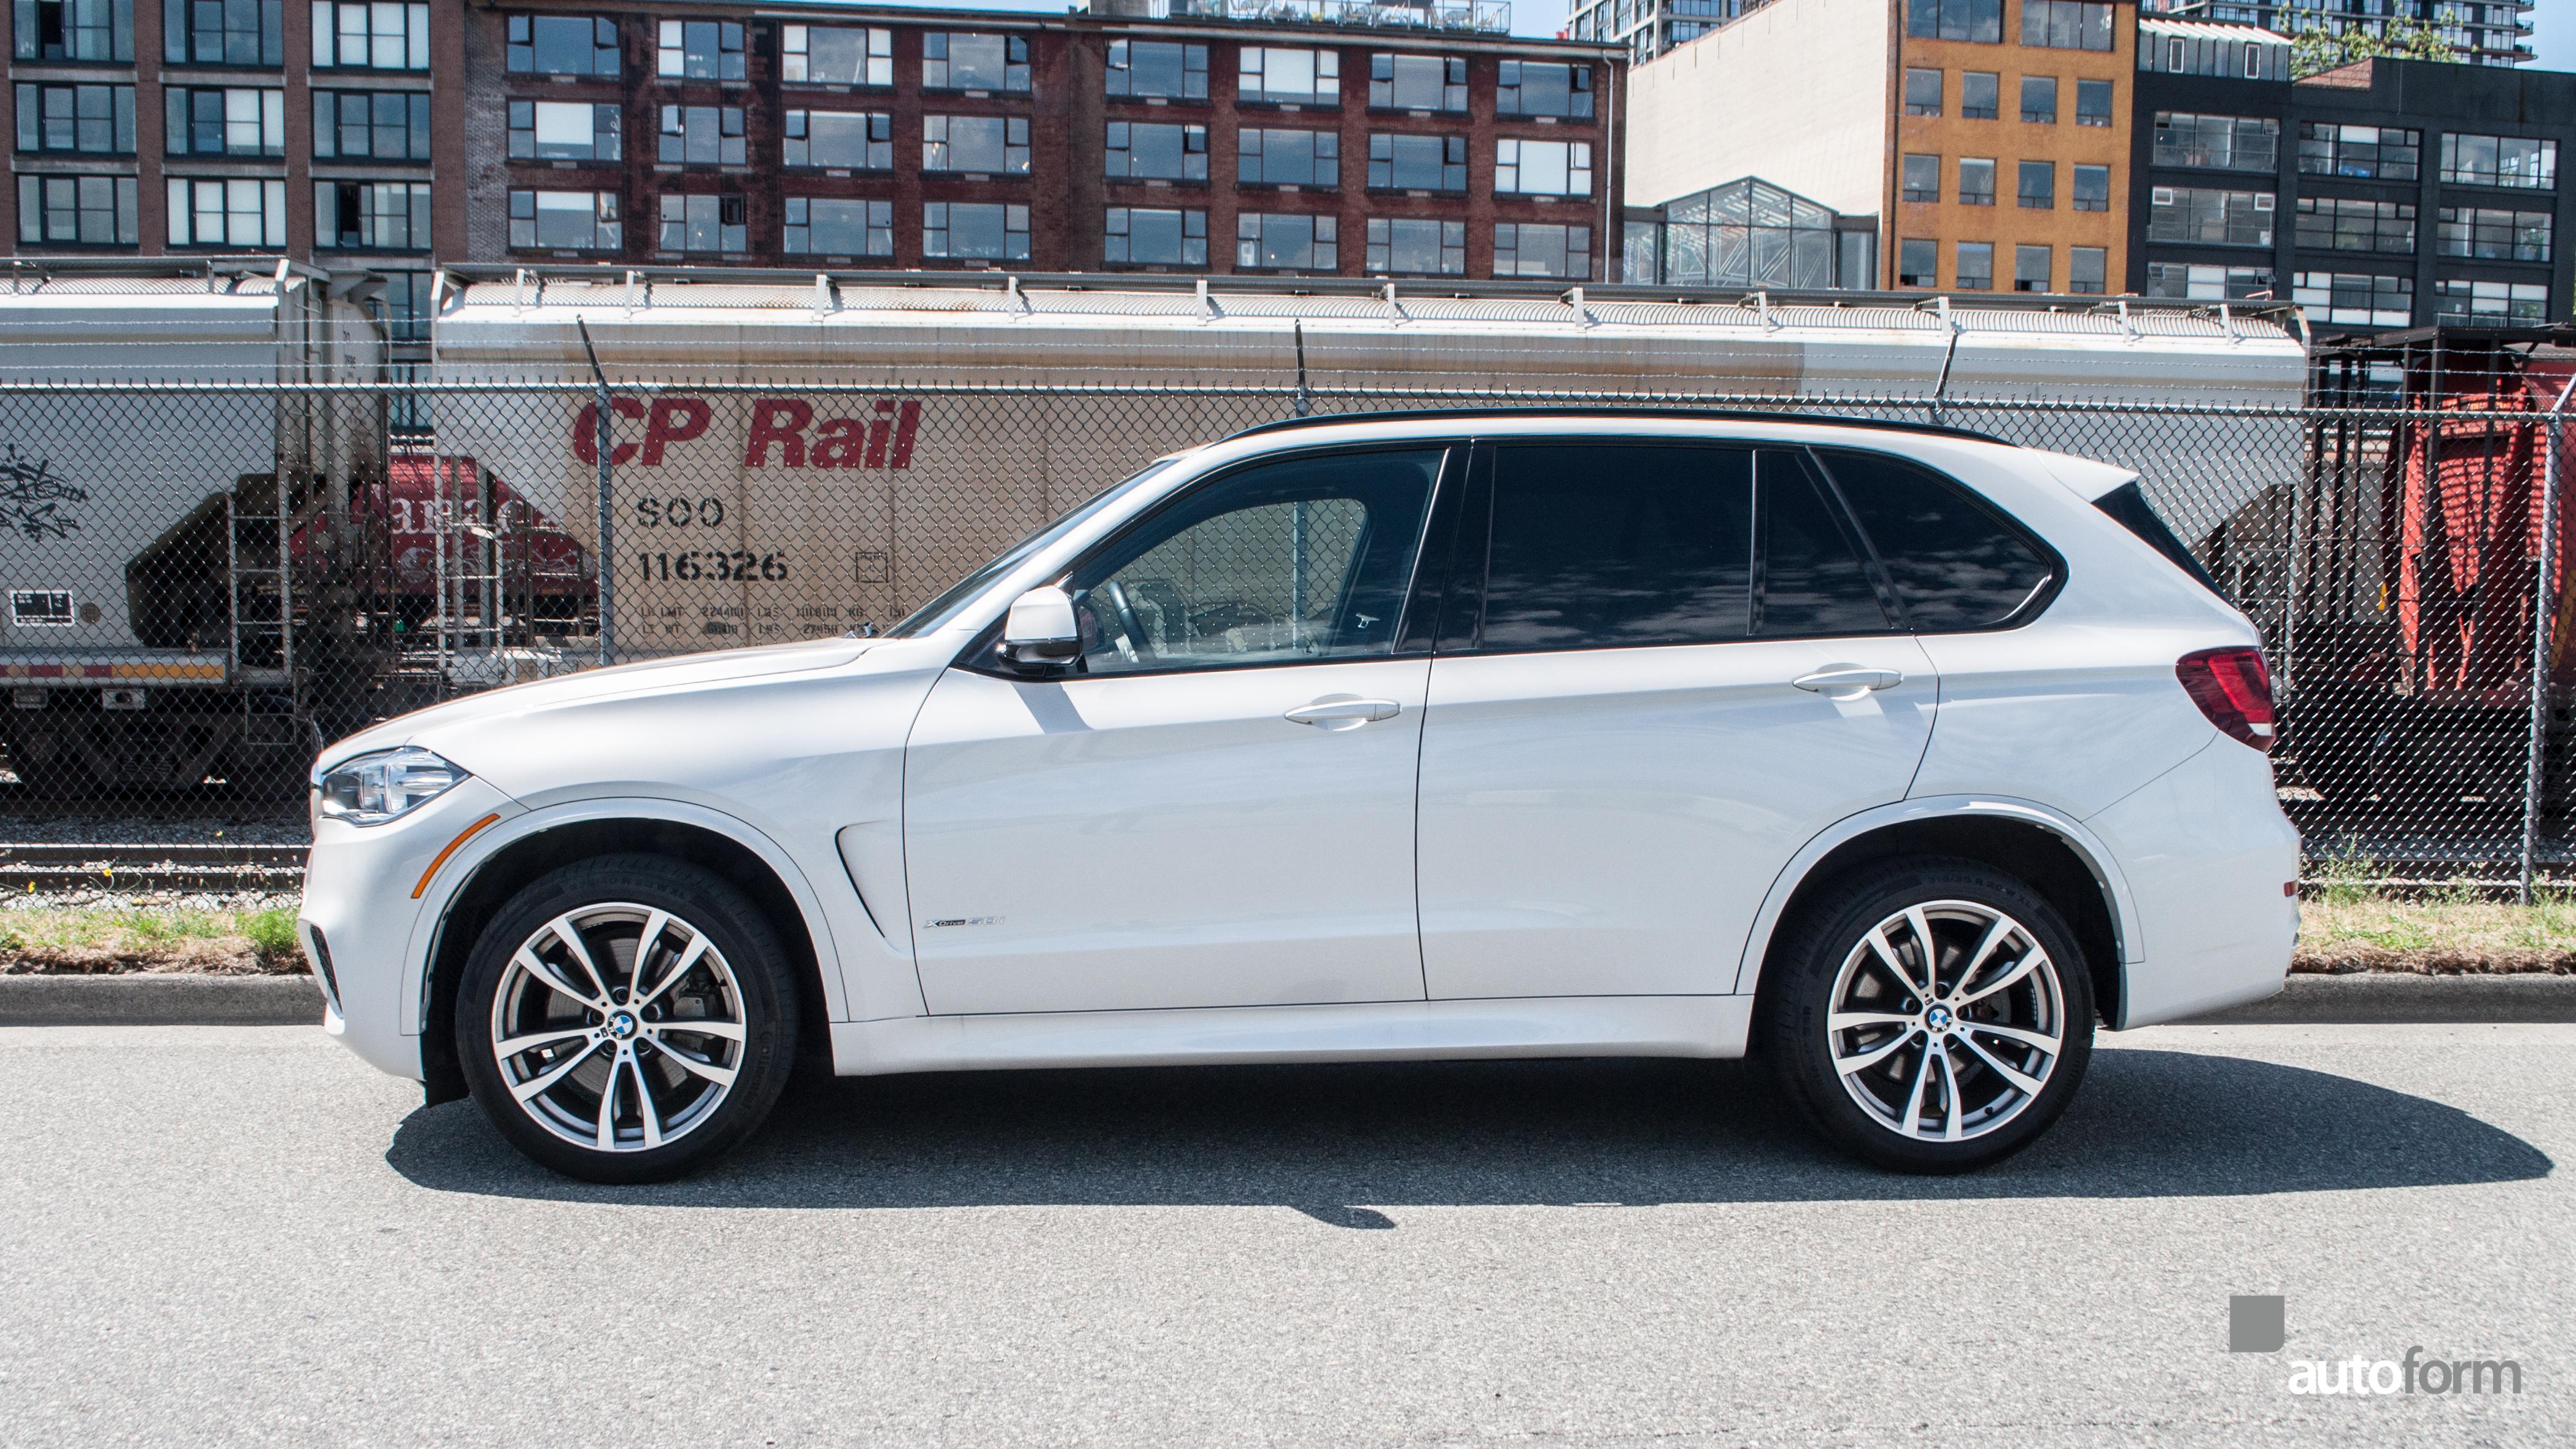 2015 Bmw X5 Xdrive50i Autoform